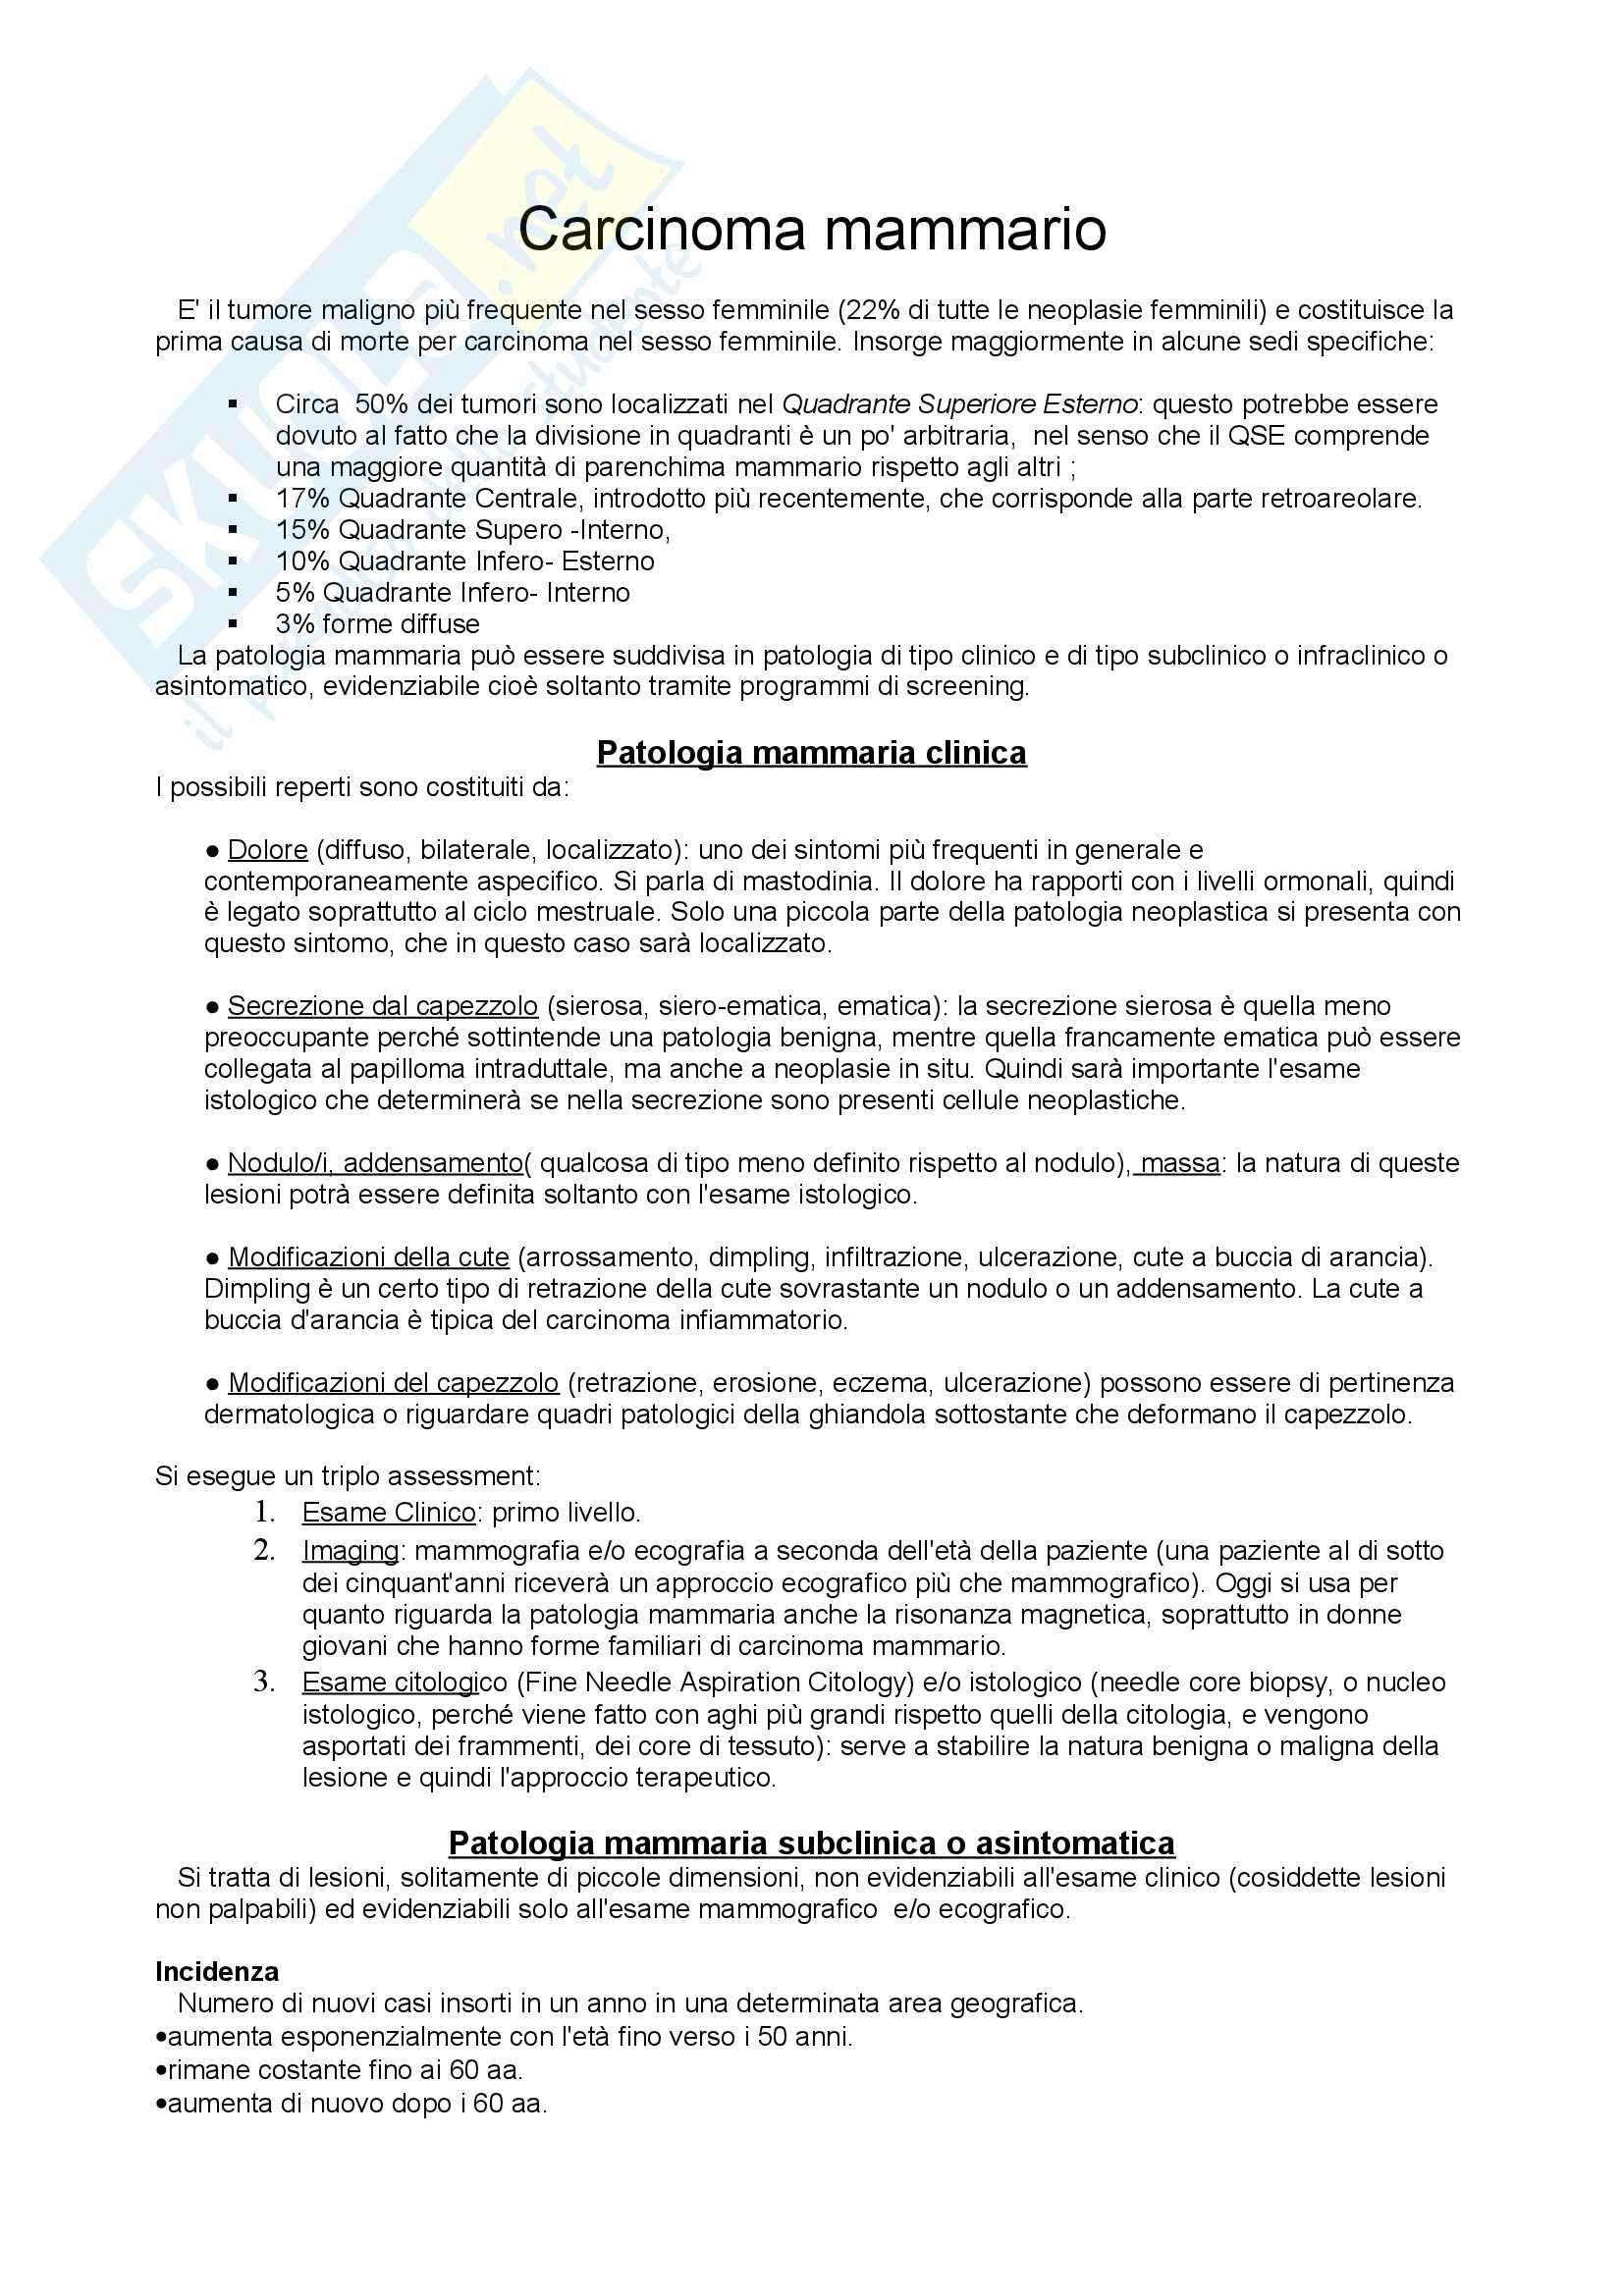 Anatomia Patologica - Patologia mammaria